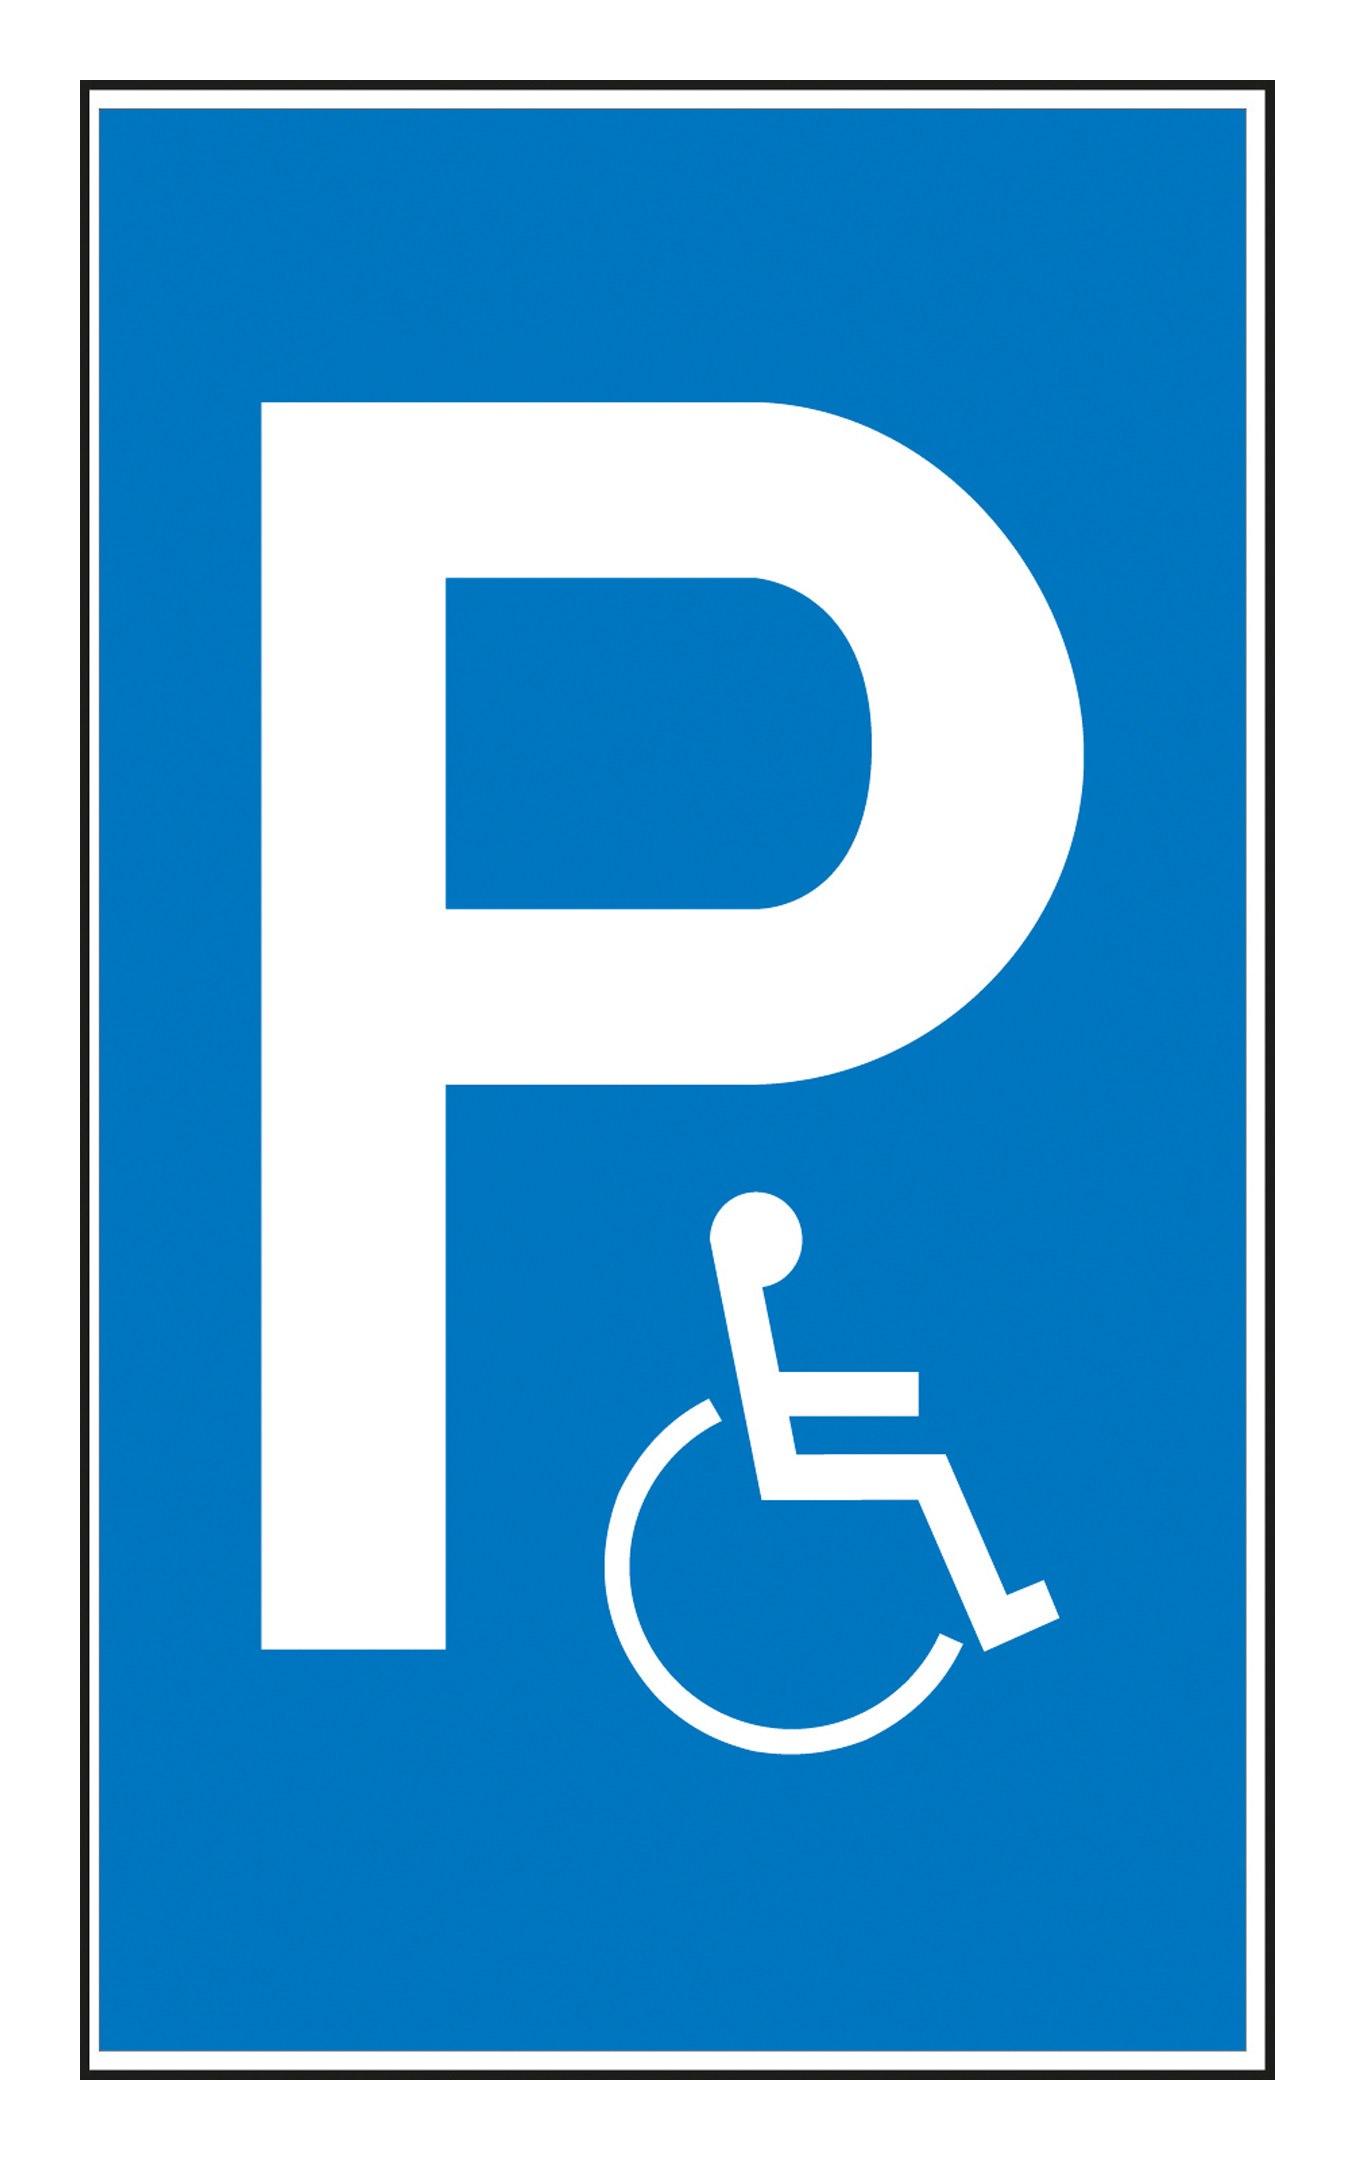 SafetyMarking Parkplatzsschild Behindertenparkplatz Aluminium geprägt - 11.5136